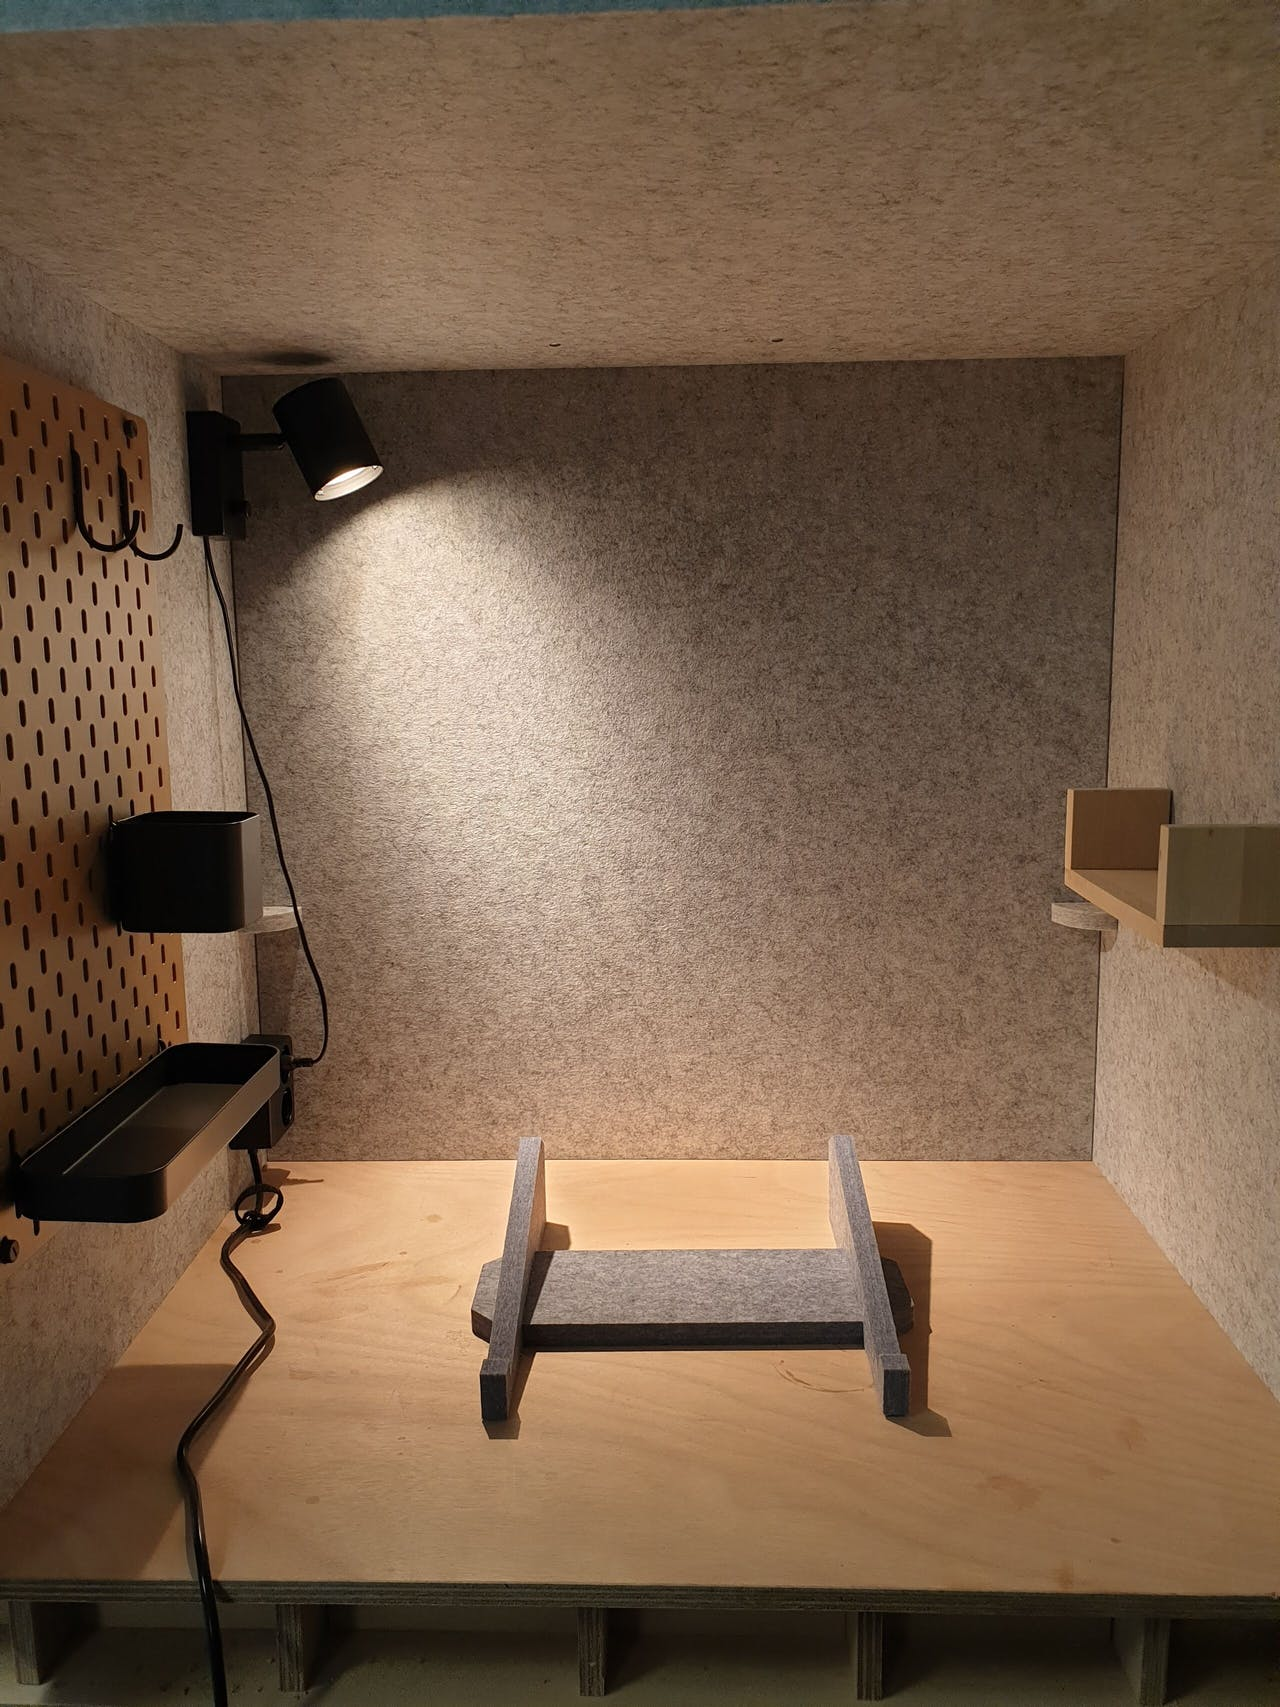 Zo ziet de Deskcube eruit: met een lampje, plankje, stopcontact + usb en een ophangbord.